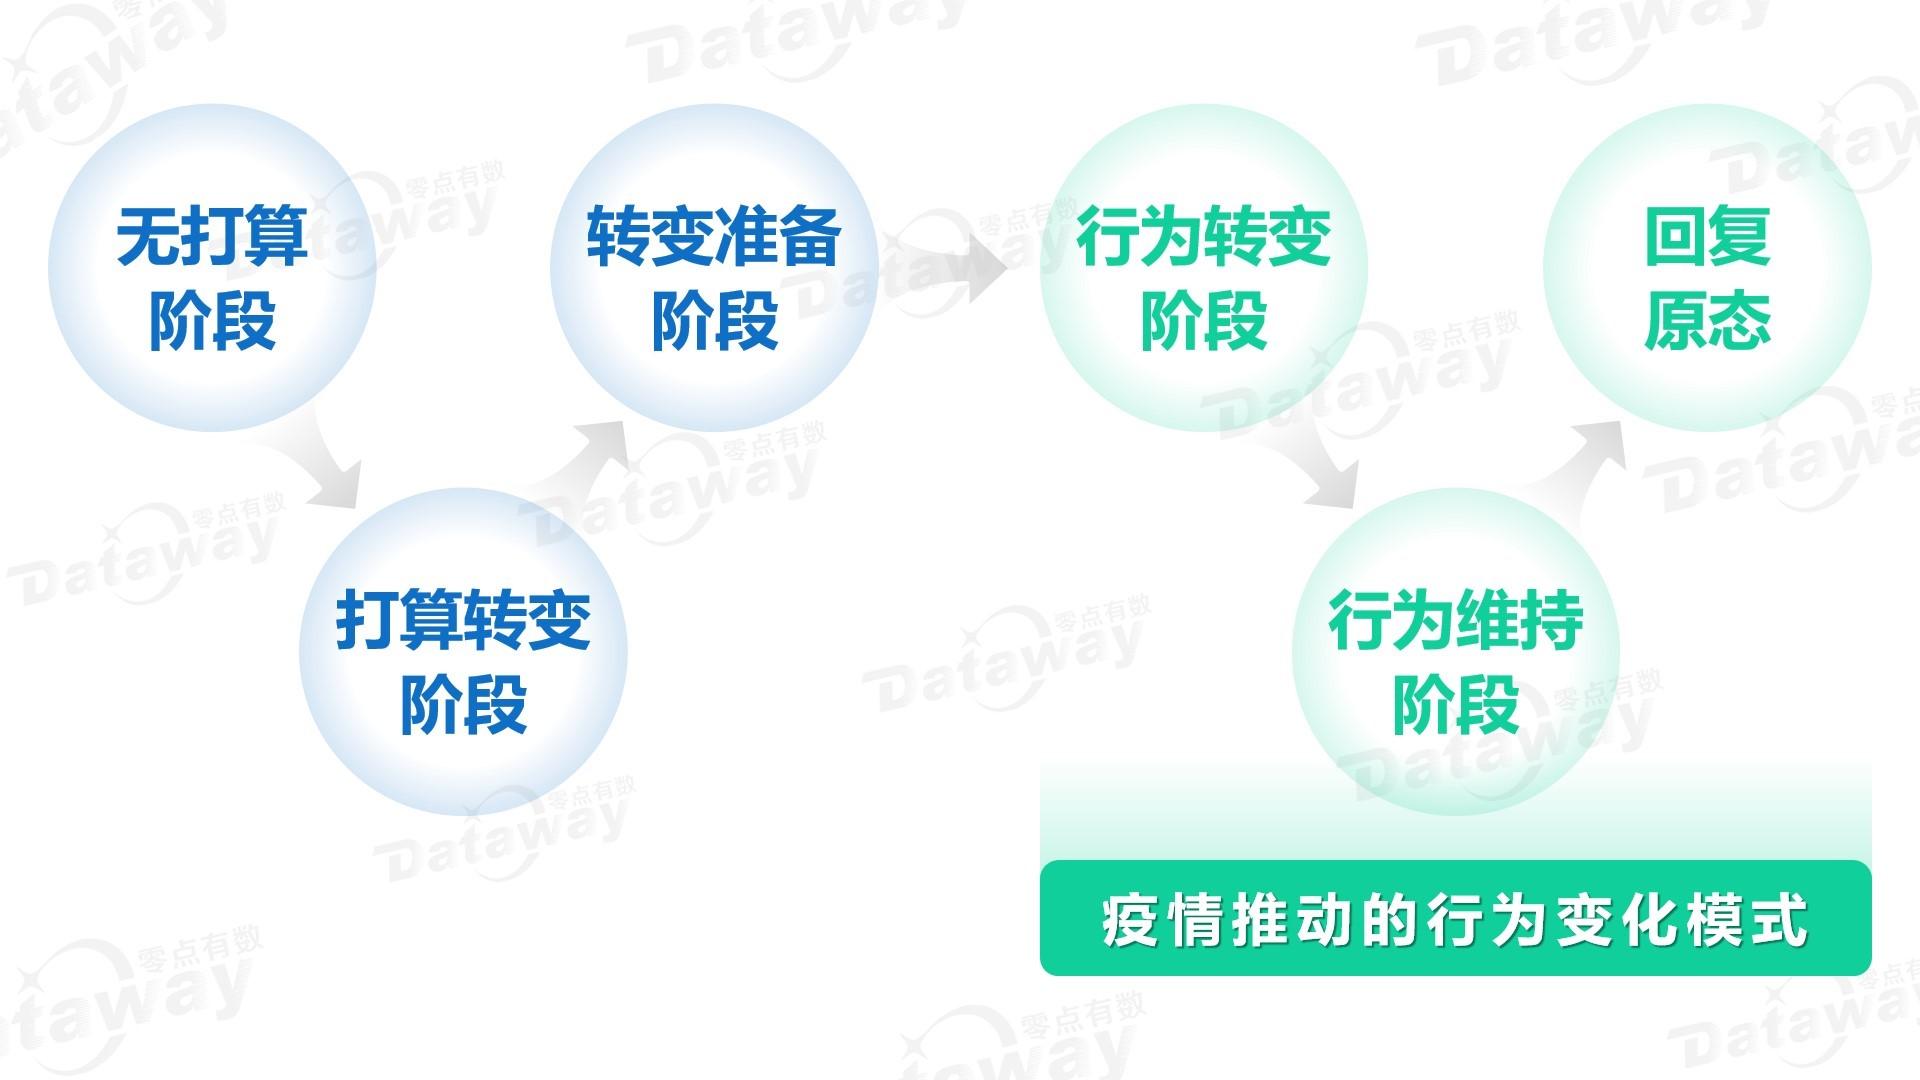 电银付app使用教程(dianyinzhifu.com):危中寻机:透视后疫情时代消费趋势新图景